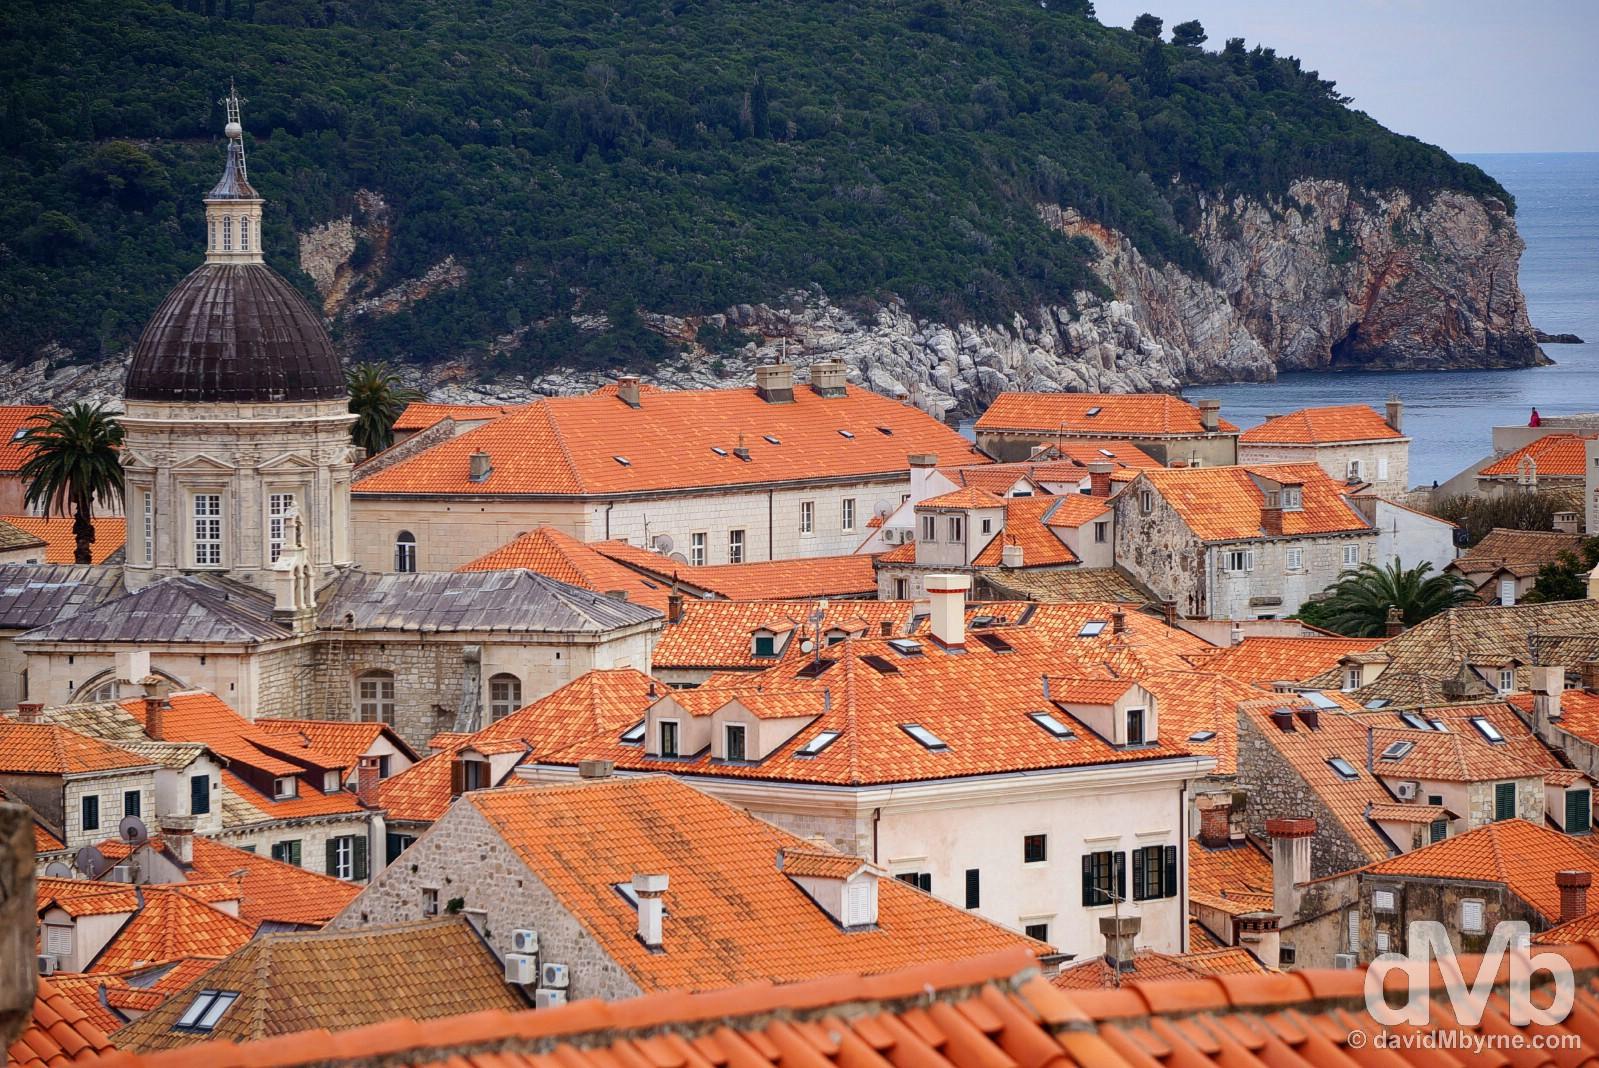 Old Town, Dubrovnik, Croatia. April 6, 2015.